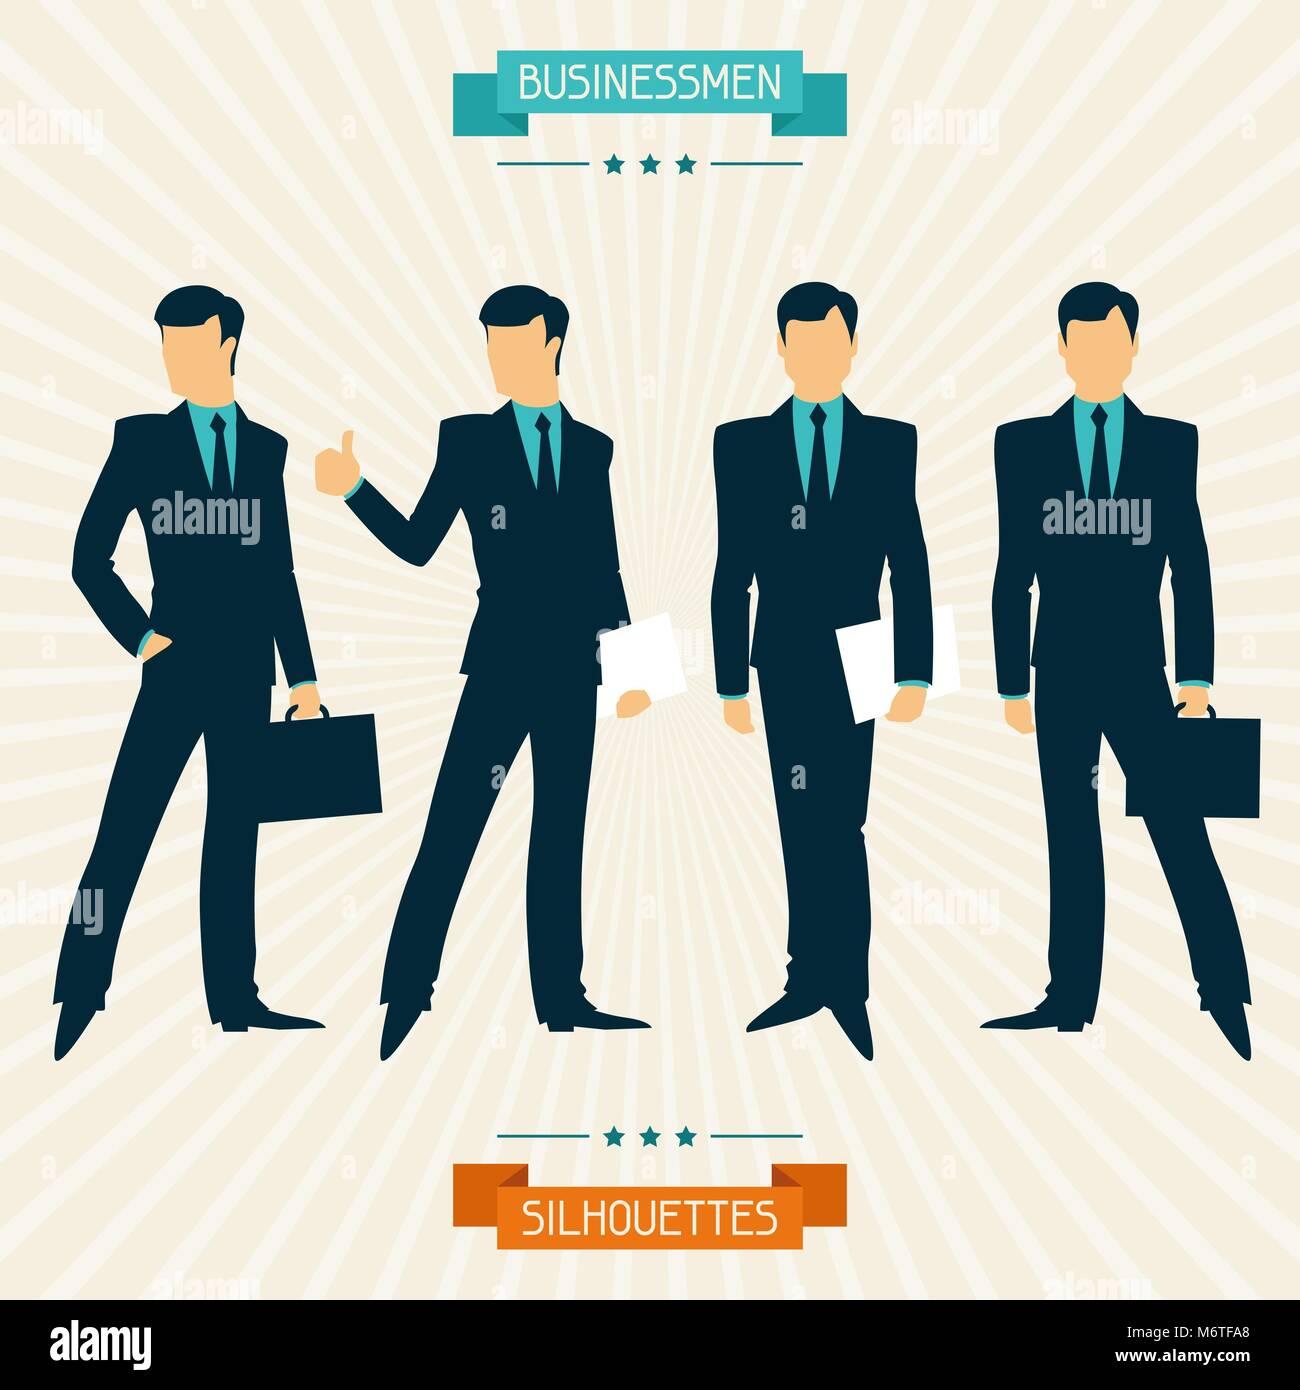 Sagome di uomini di affari in stile rétro Immagini Stock